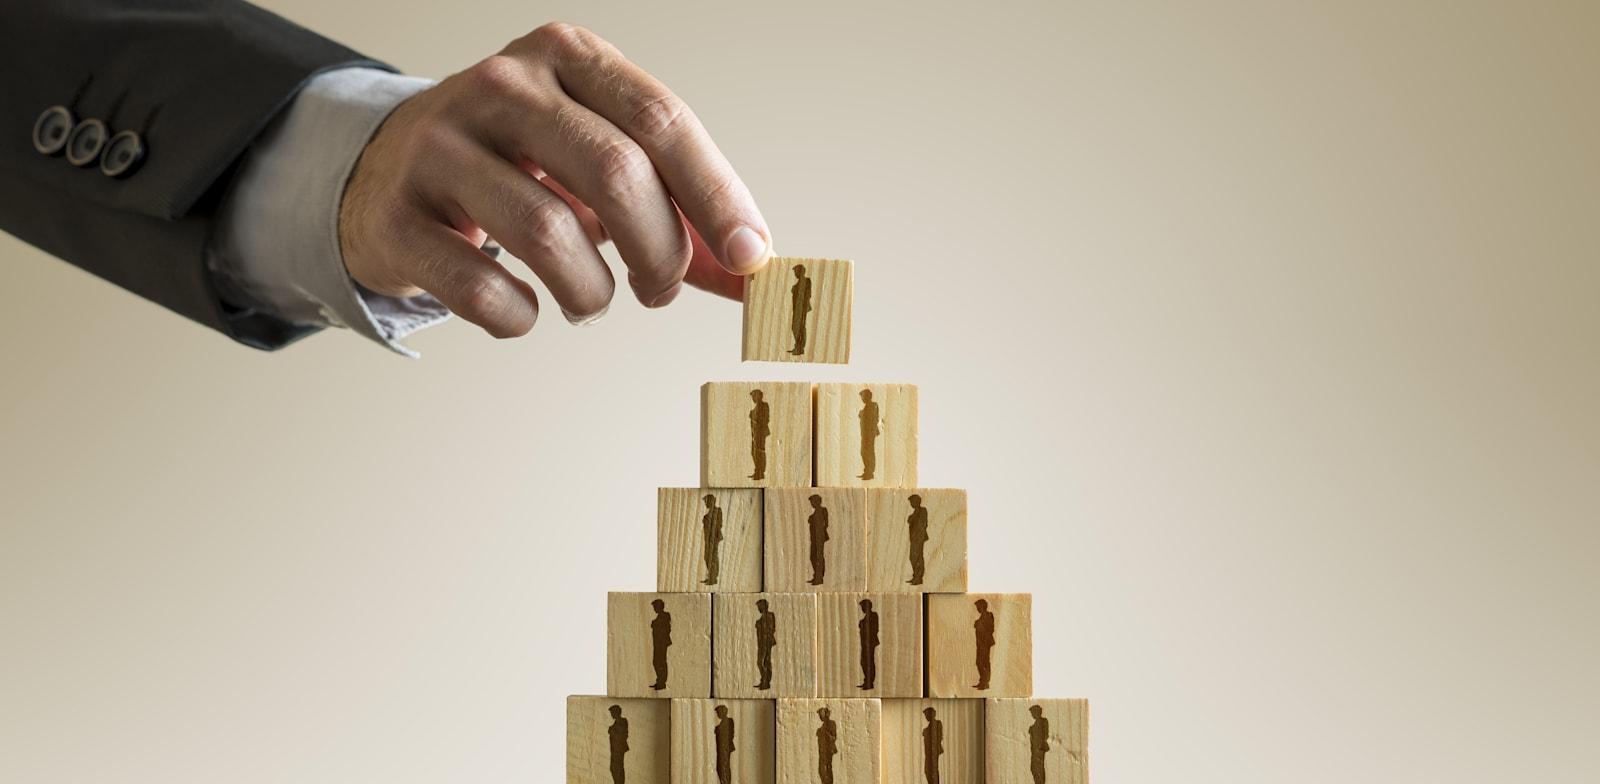 תרמית פירמידה / צילום: Shutterstock, Gajus